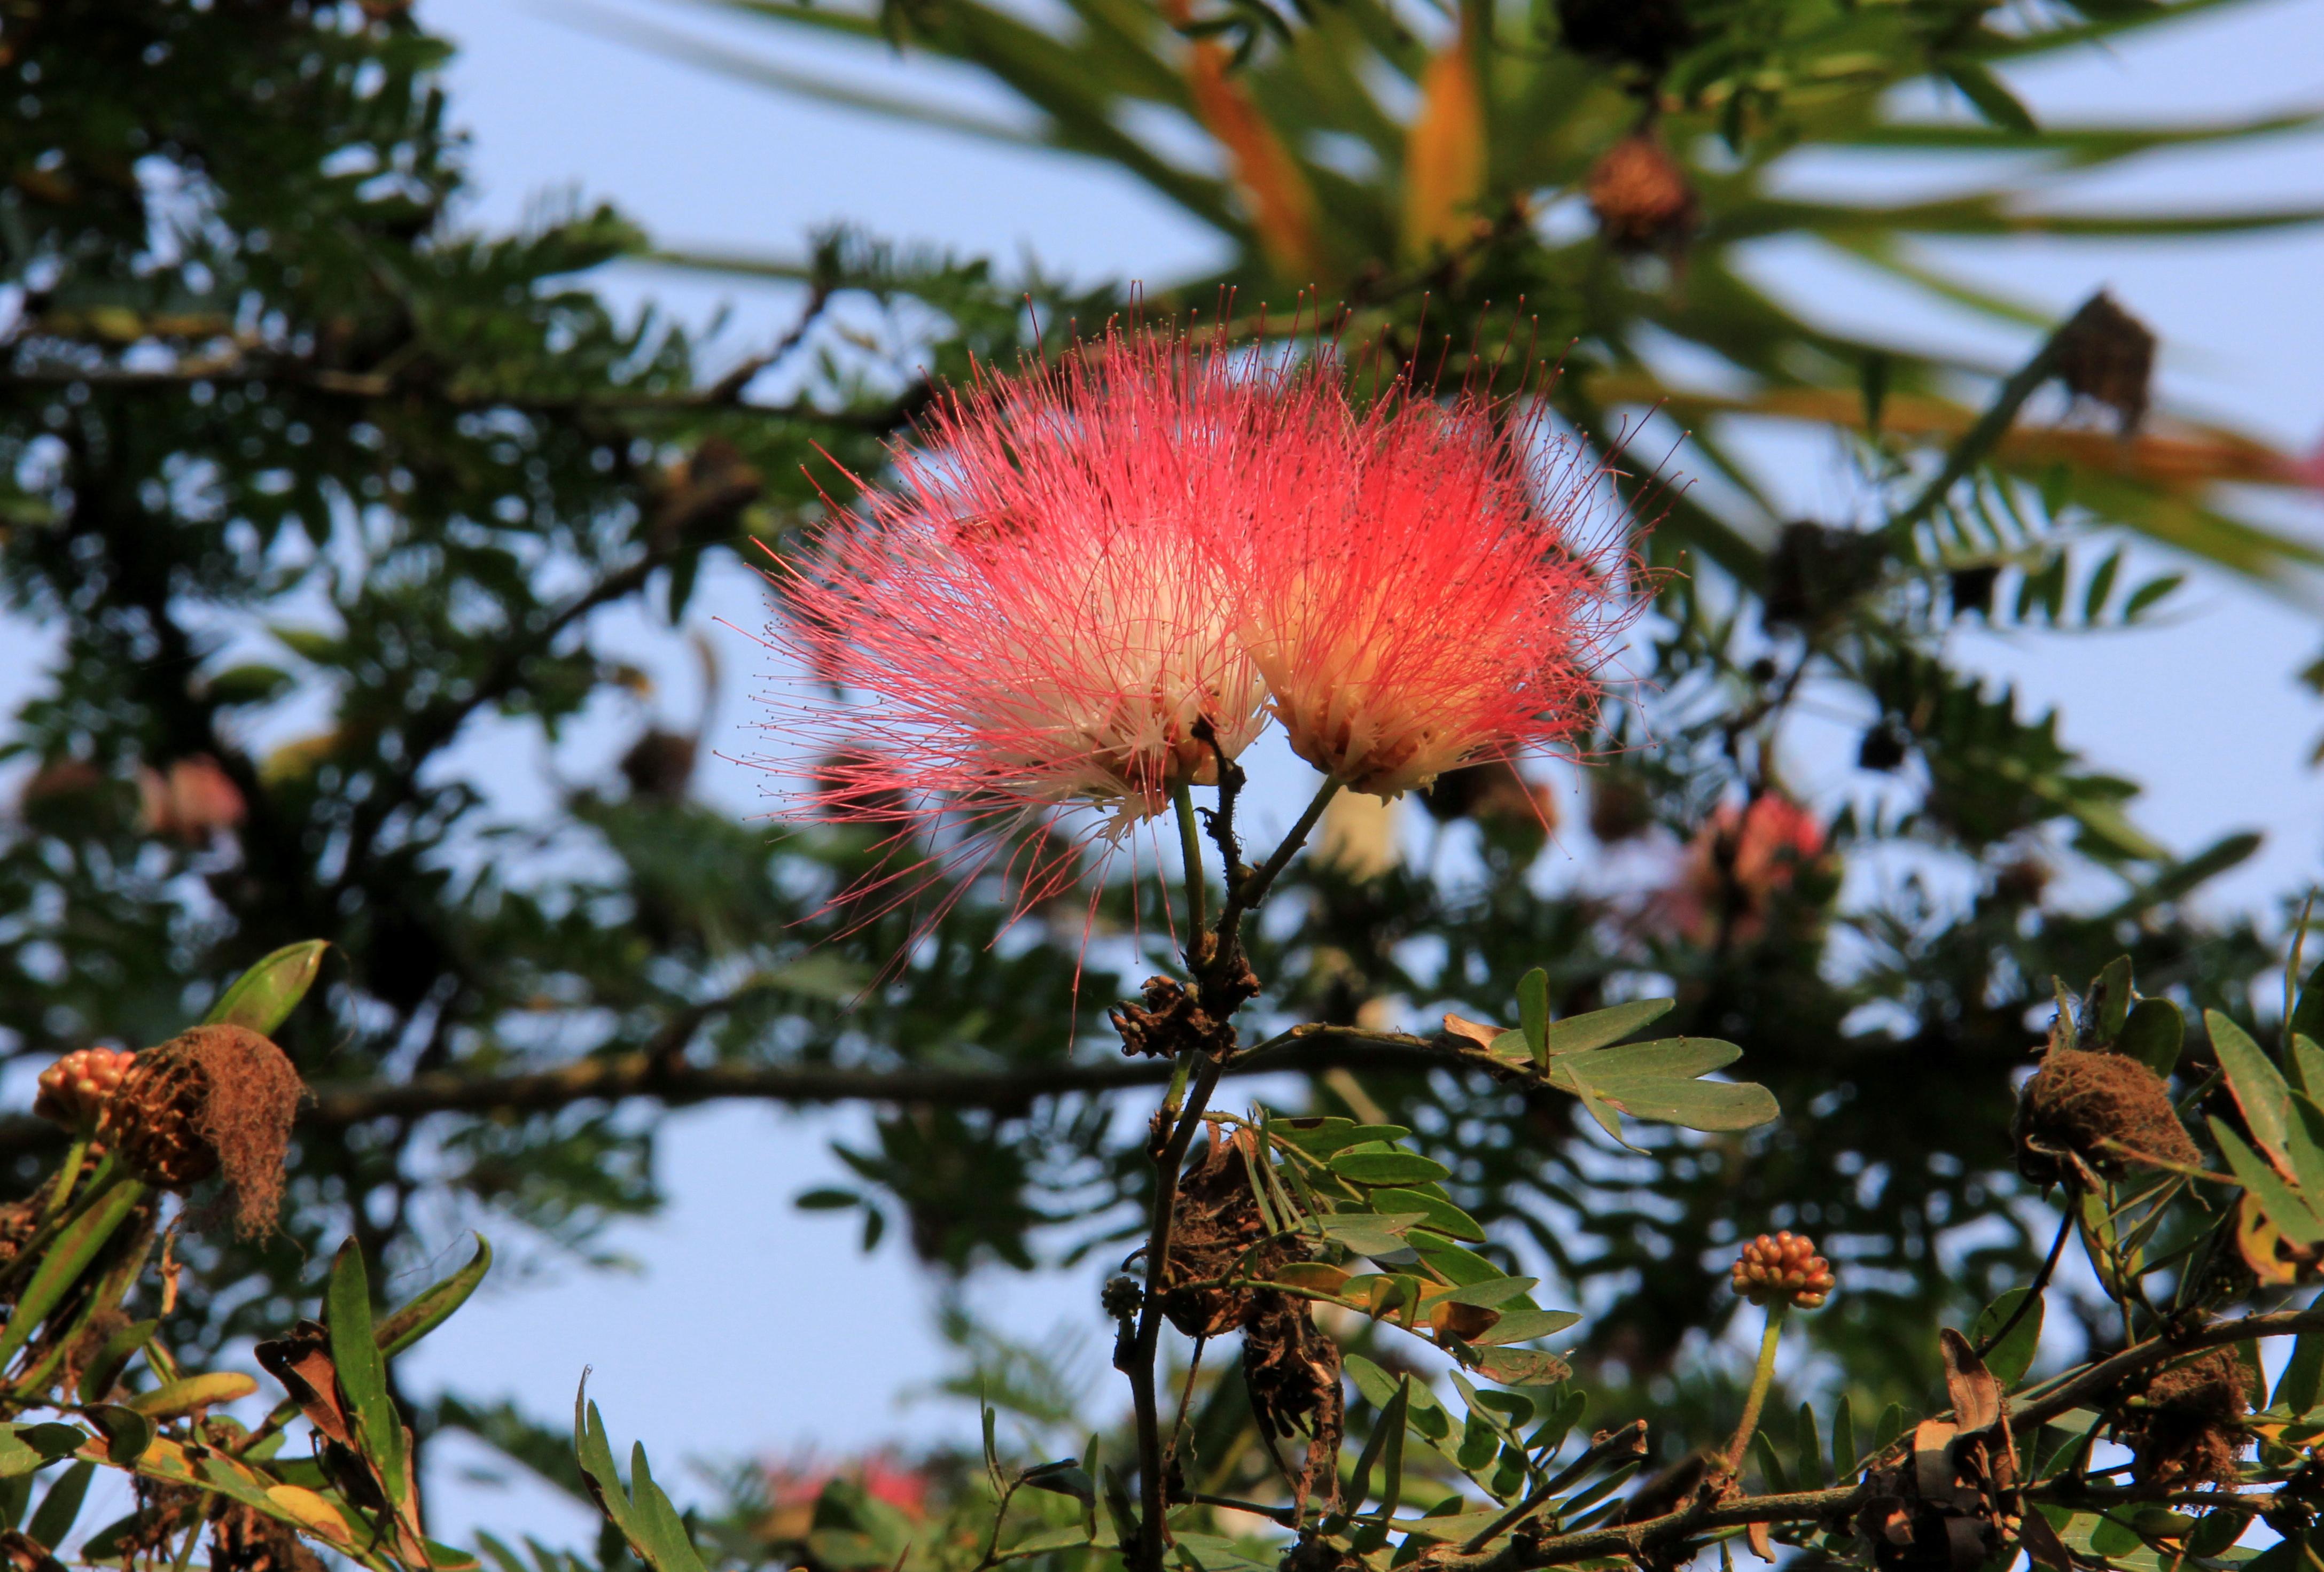 Wild flowers growing in rural Bengal